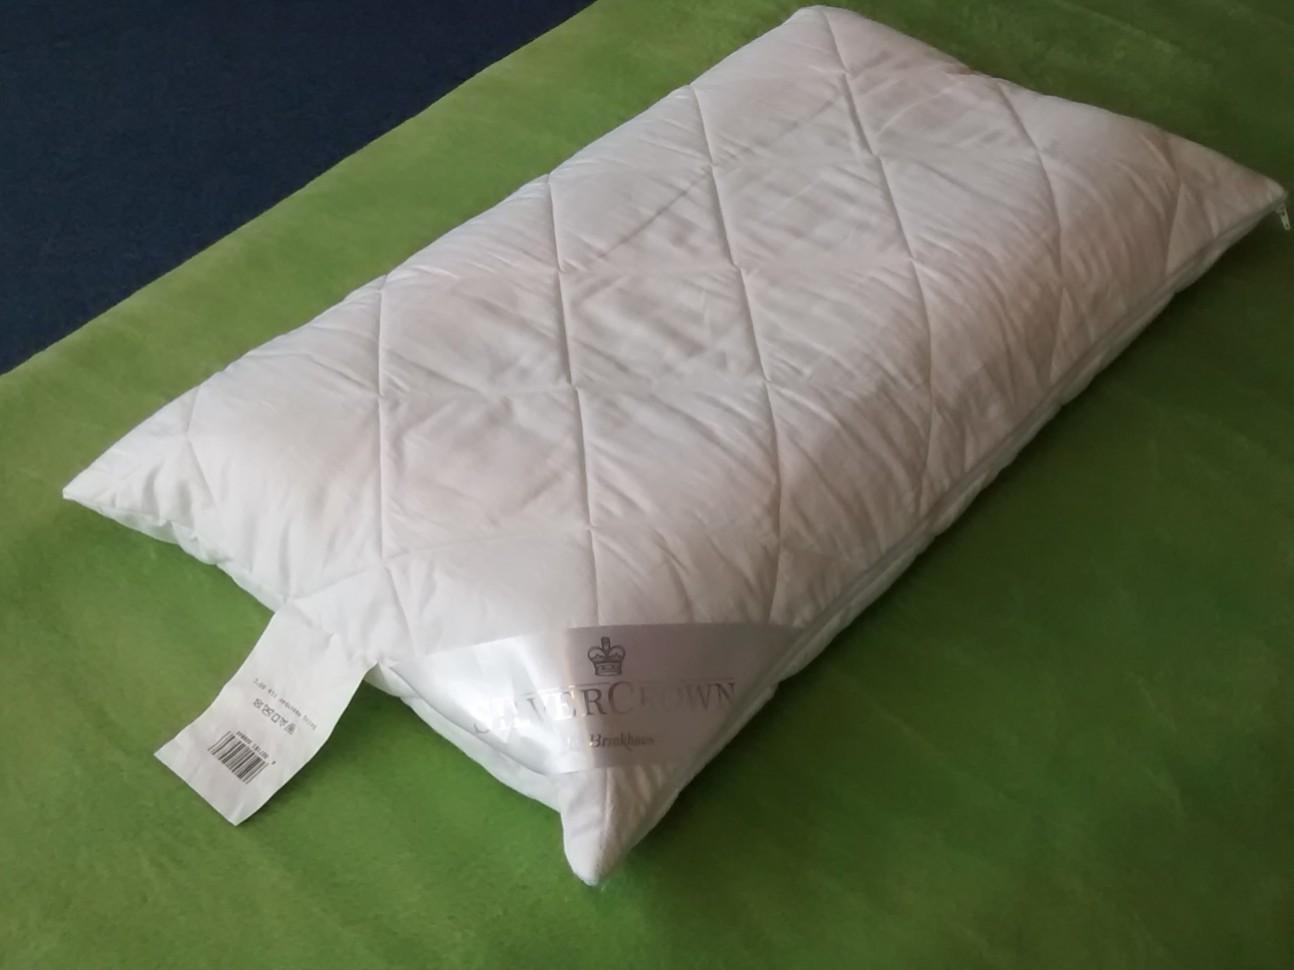 kissen nackenst tzkissen 40 80cm visco schaum ebay. Black Bedroom Furniture Sets. Home Design Ideas